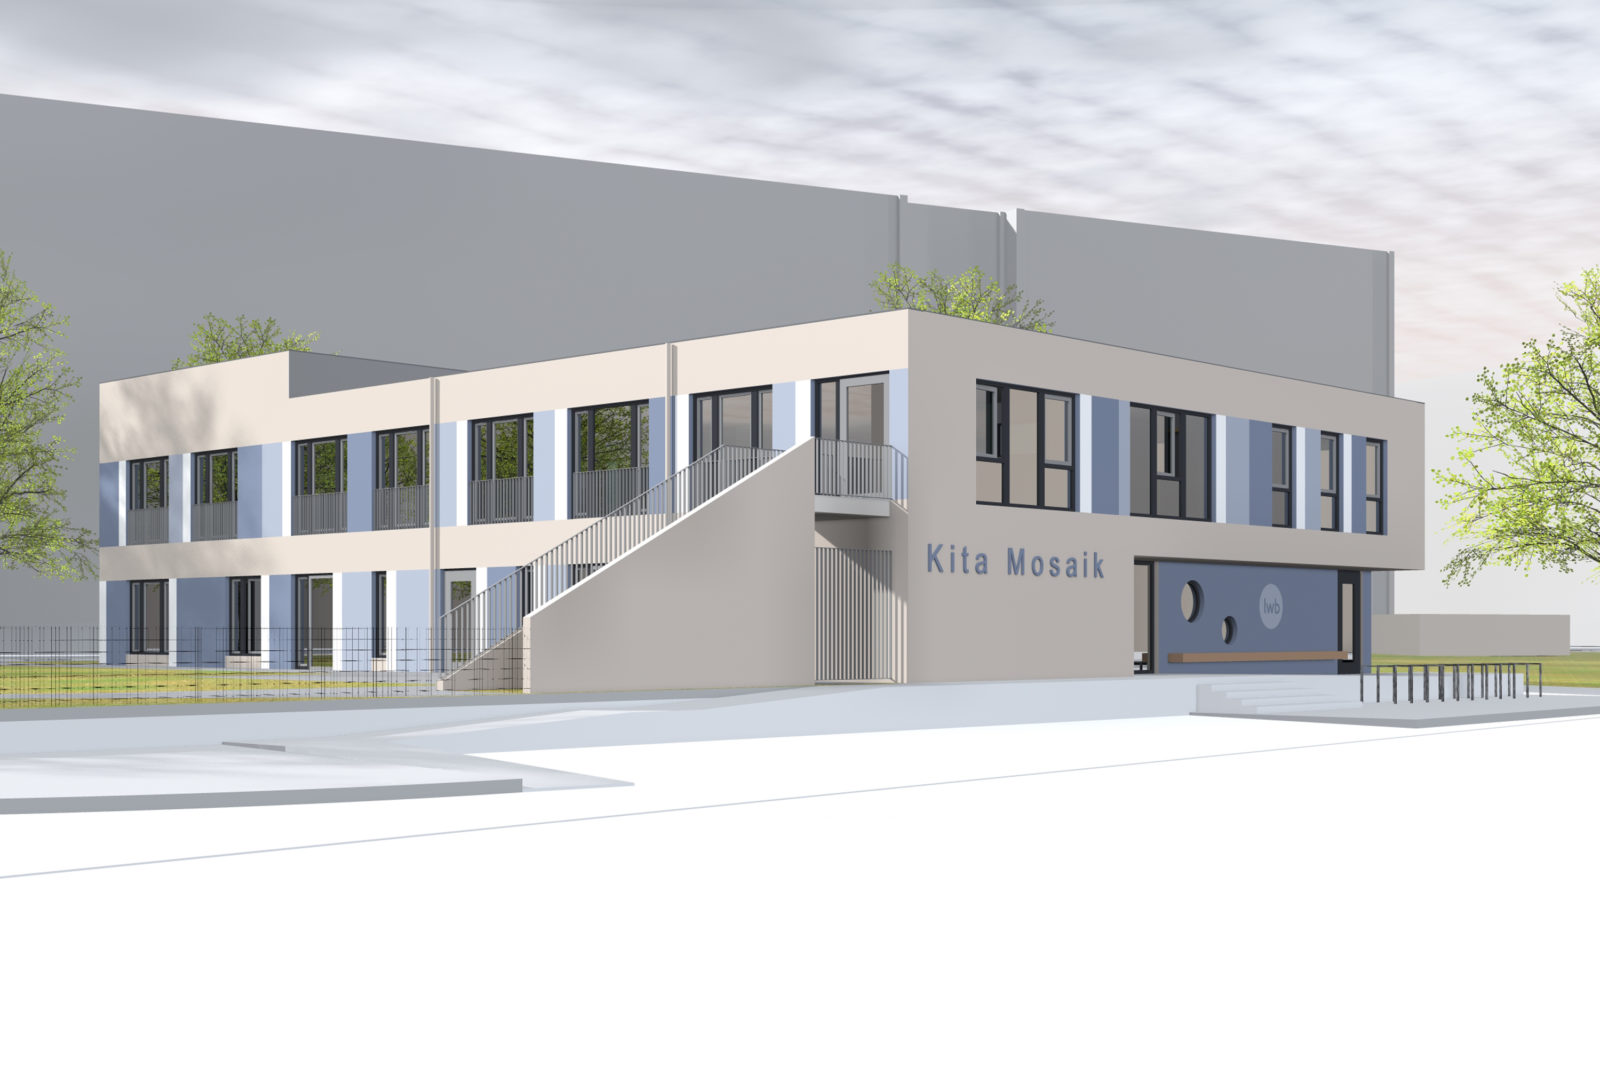 Neubau Kita Mosaik in Leipizg, Zentrum Süd - Blick von der Straße